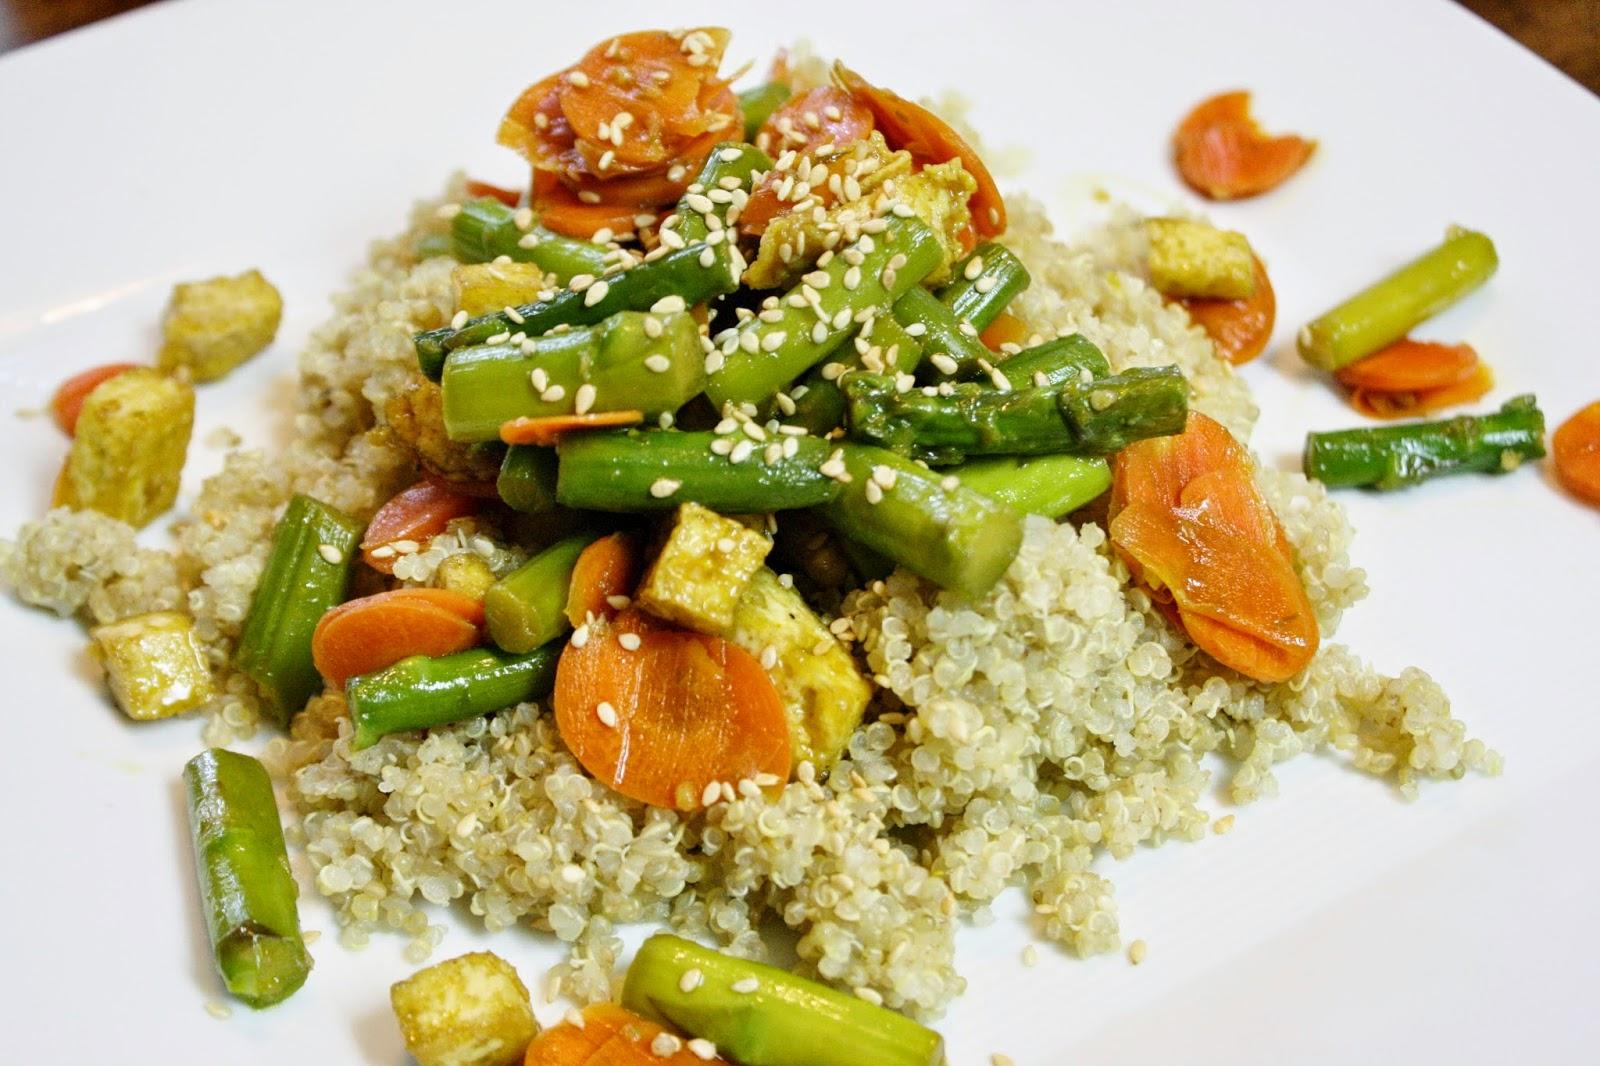 http://eatprayjuice.blogspot.com/2014/07/tofu-with-asparagus-and-quinoa.html